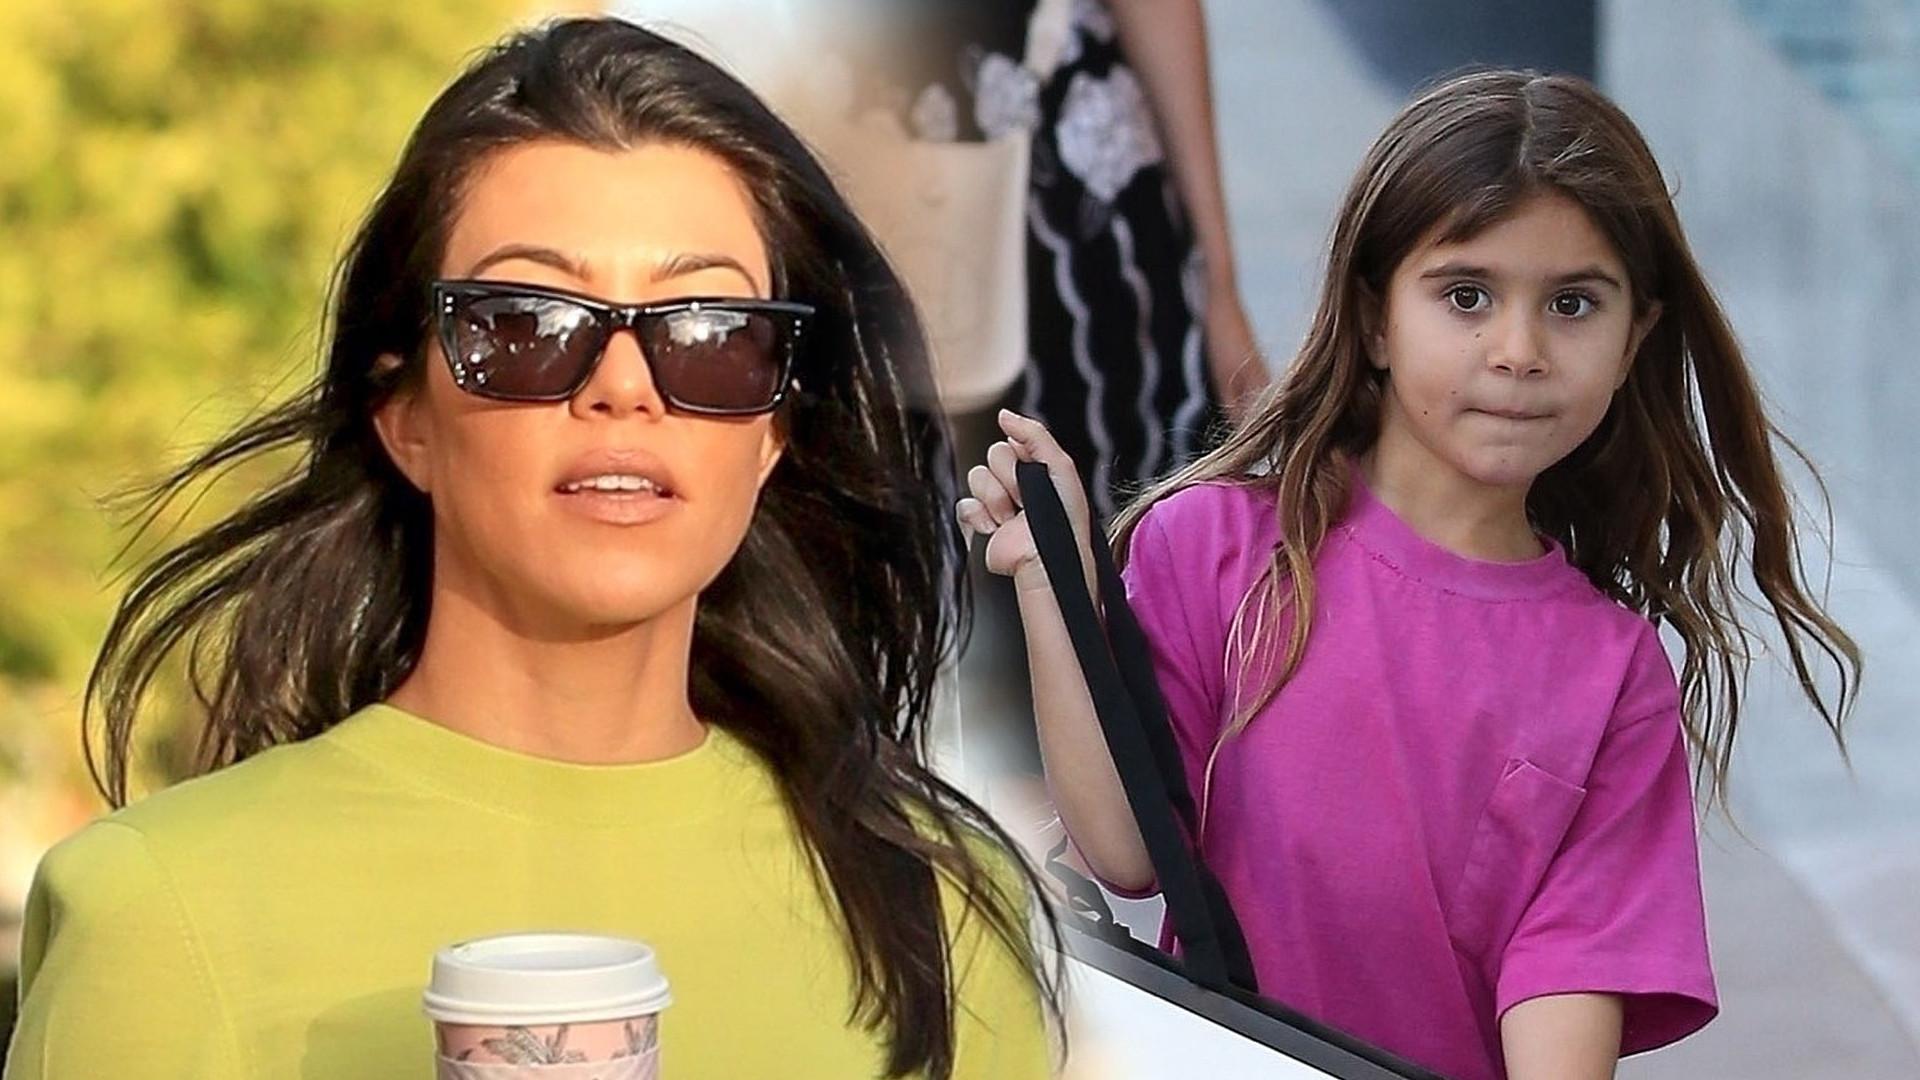 Fani na widok butów córki Kourtney Kardashian: Jak ona w tym CHODZI?